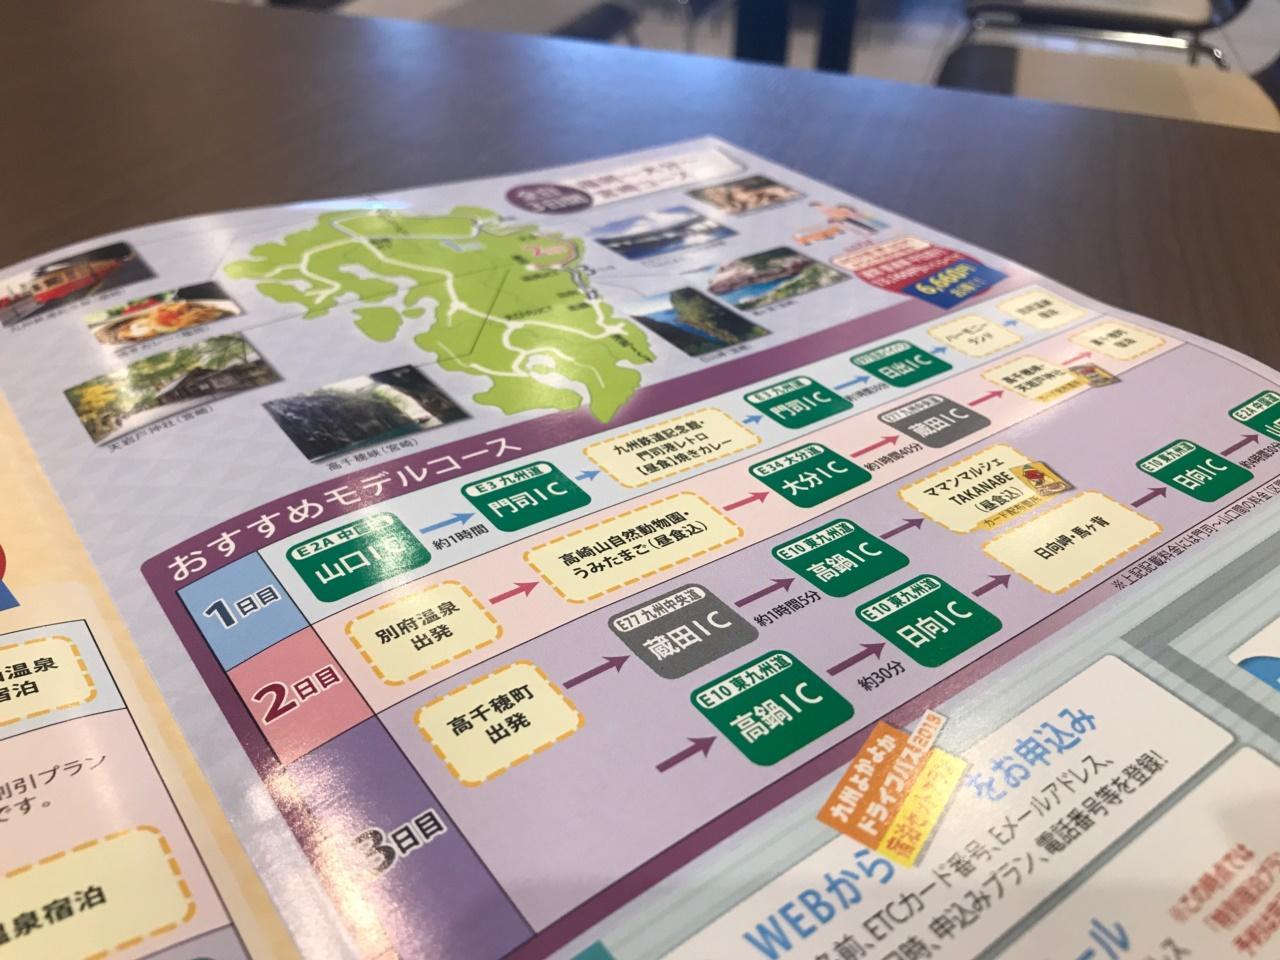 画像: おススメモデルプランもパンフレットには紹介される。大きな九州だが、クルマで旅をするにはちょうどいい規模だろう。